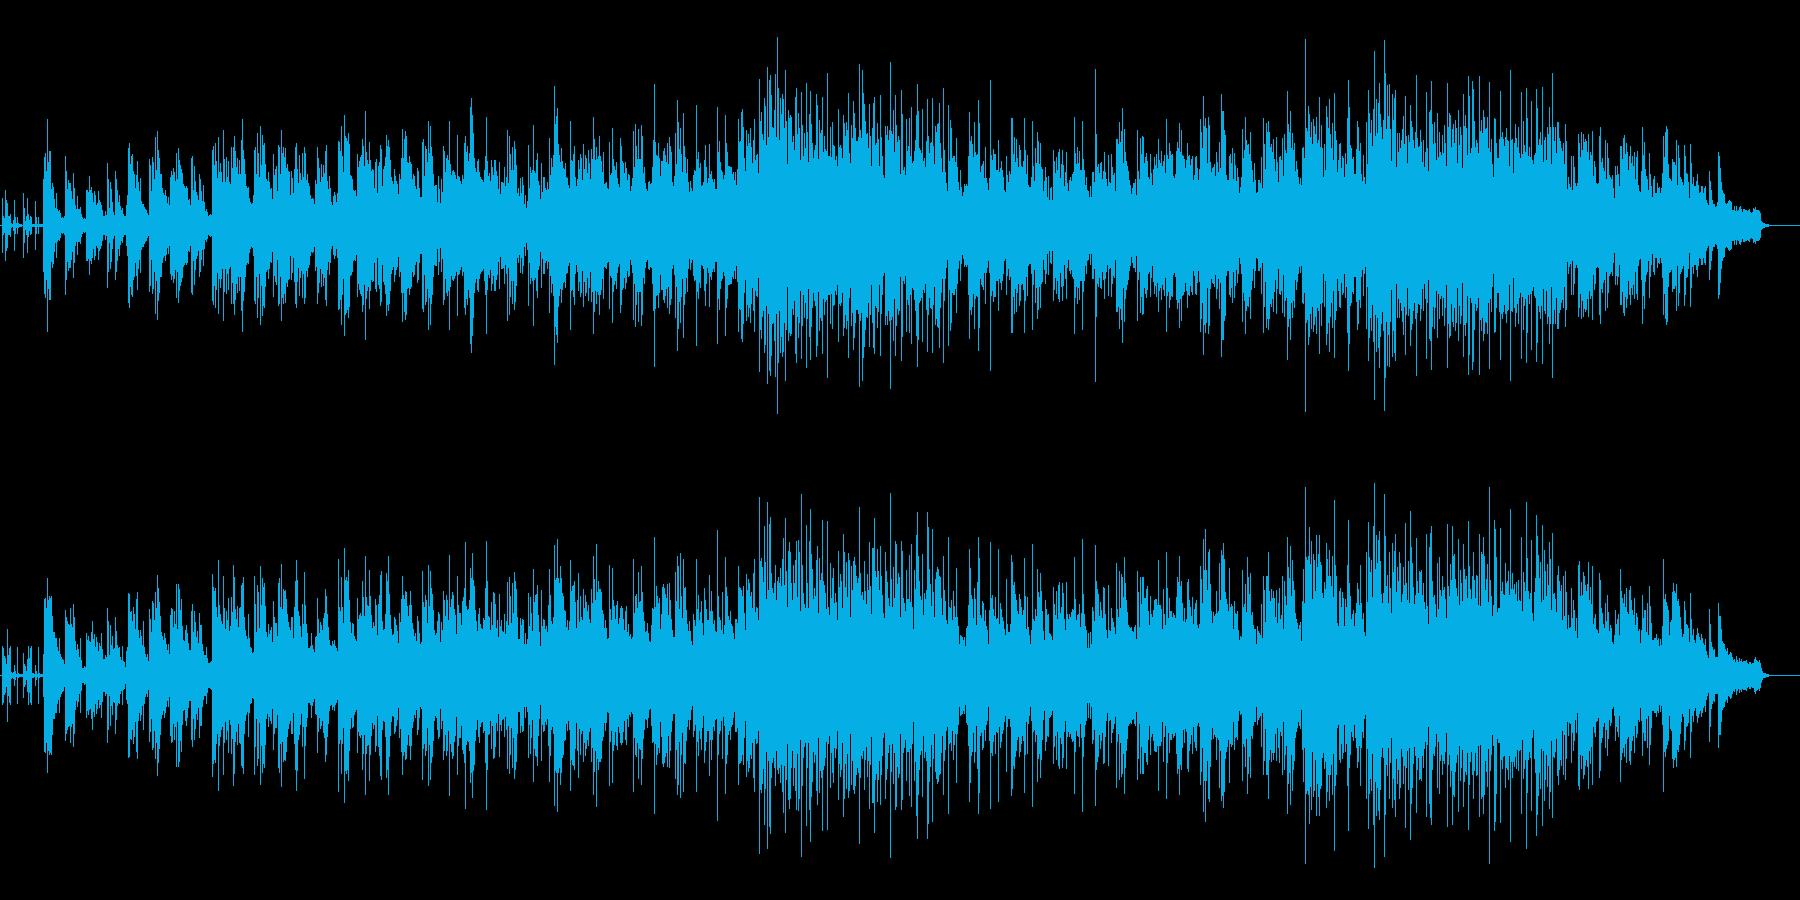 切ないセンチメンタル・バラードの再生済みの波形